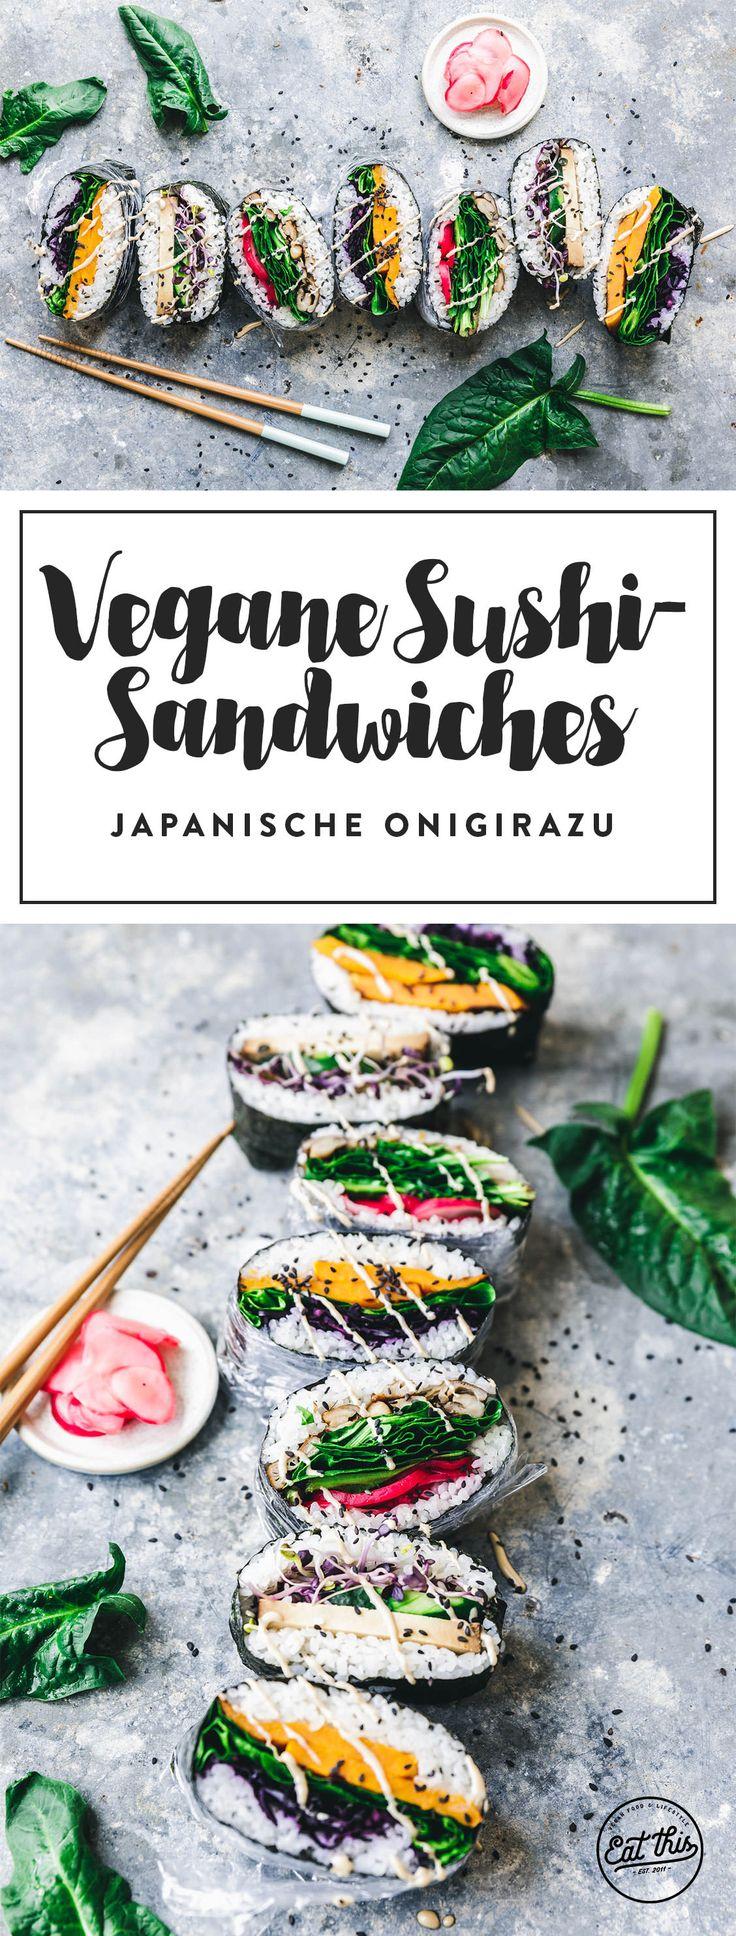 Vegane Sushi-Sandwiches – japanische Onigirazu